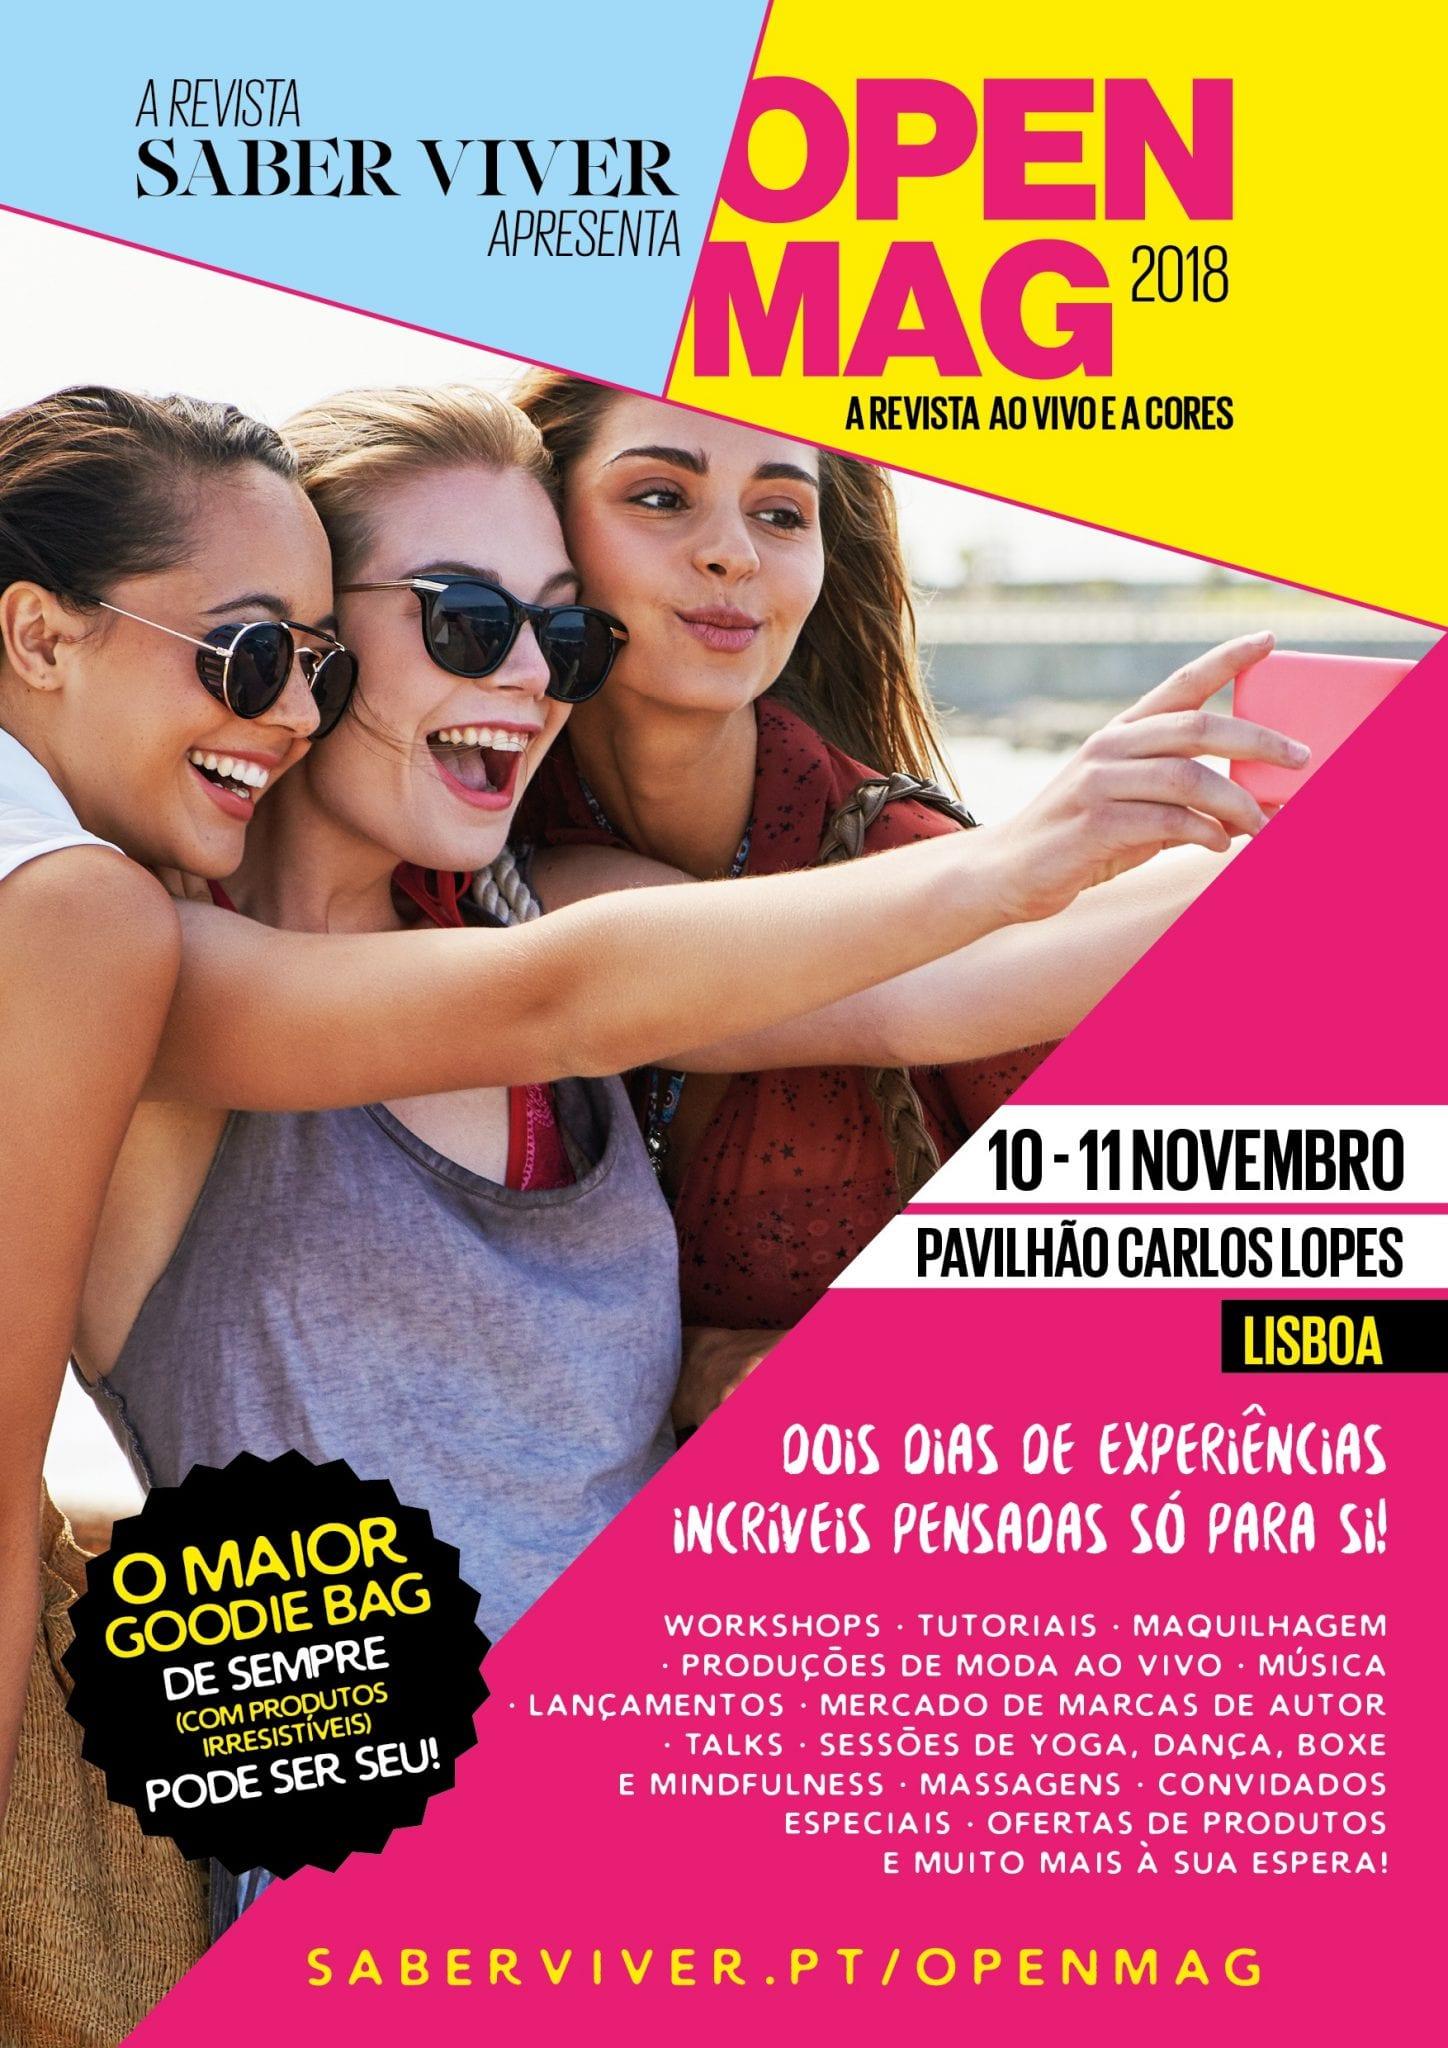 Saber Viver Open Mag Lisboa